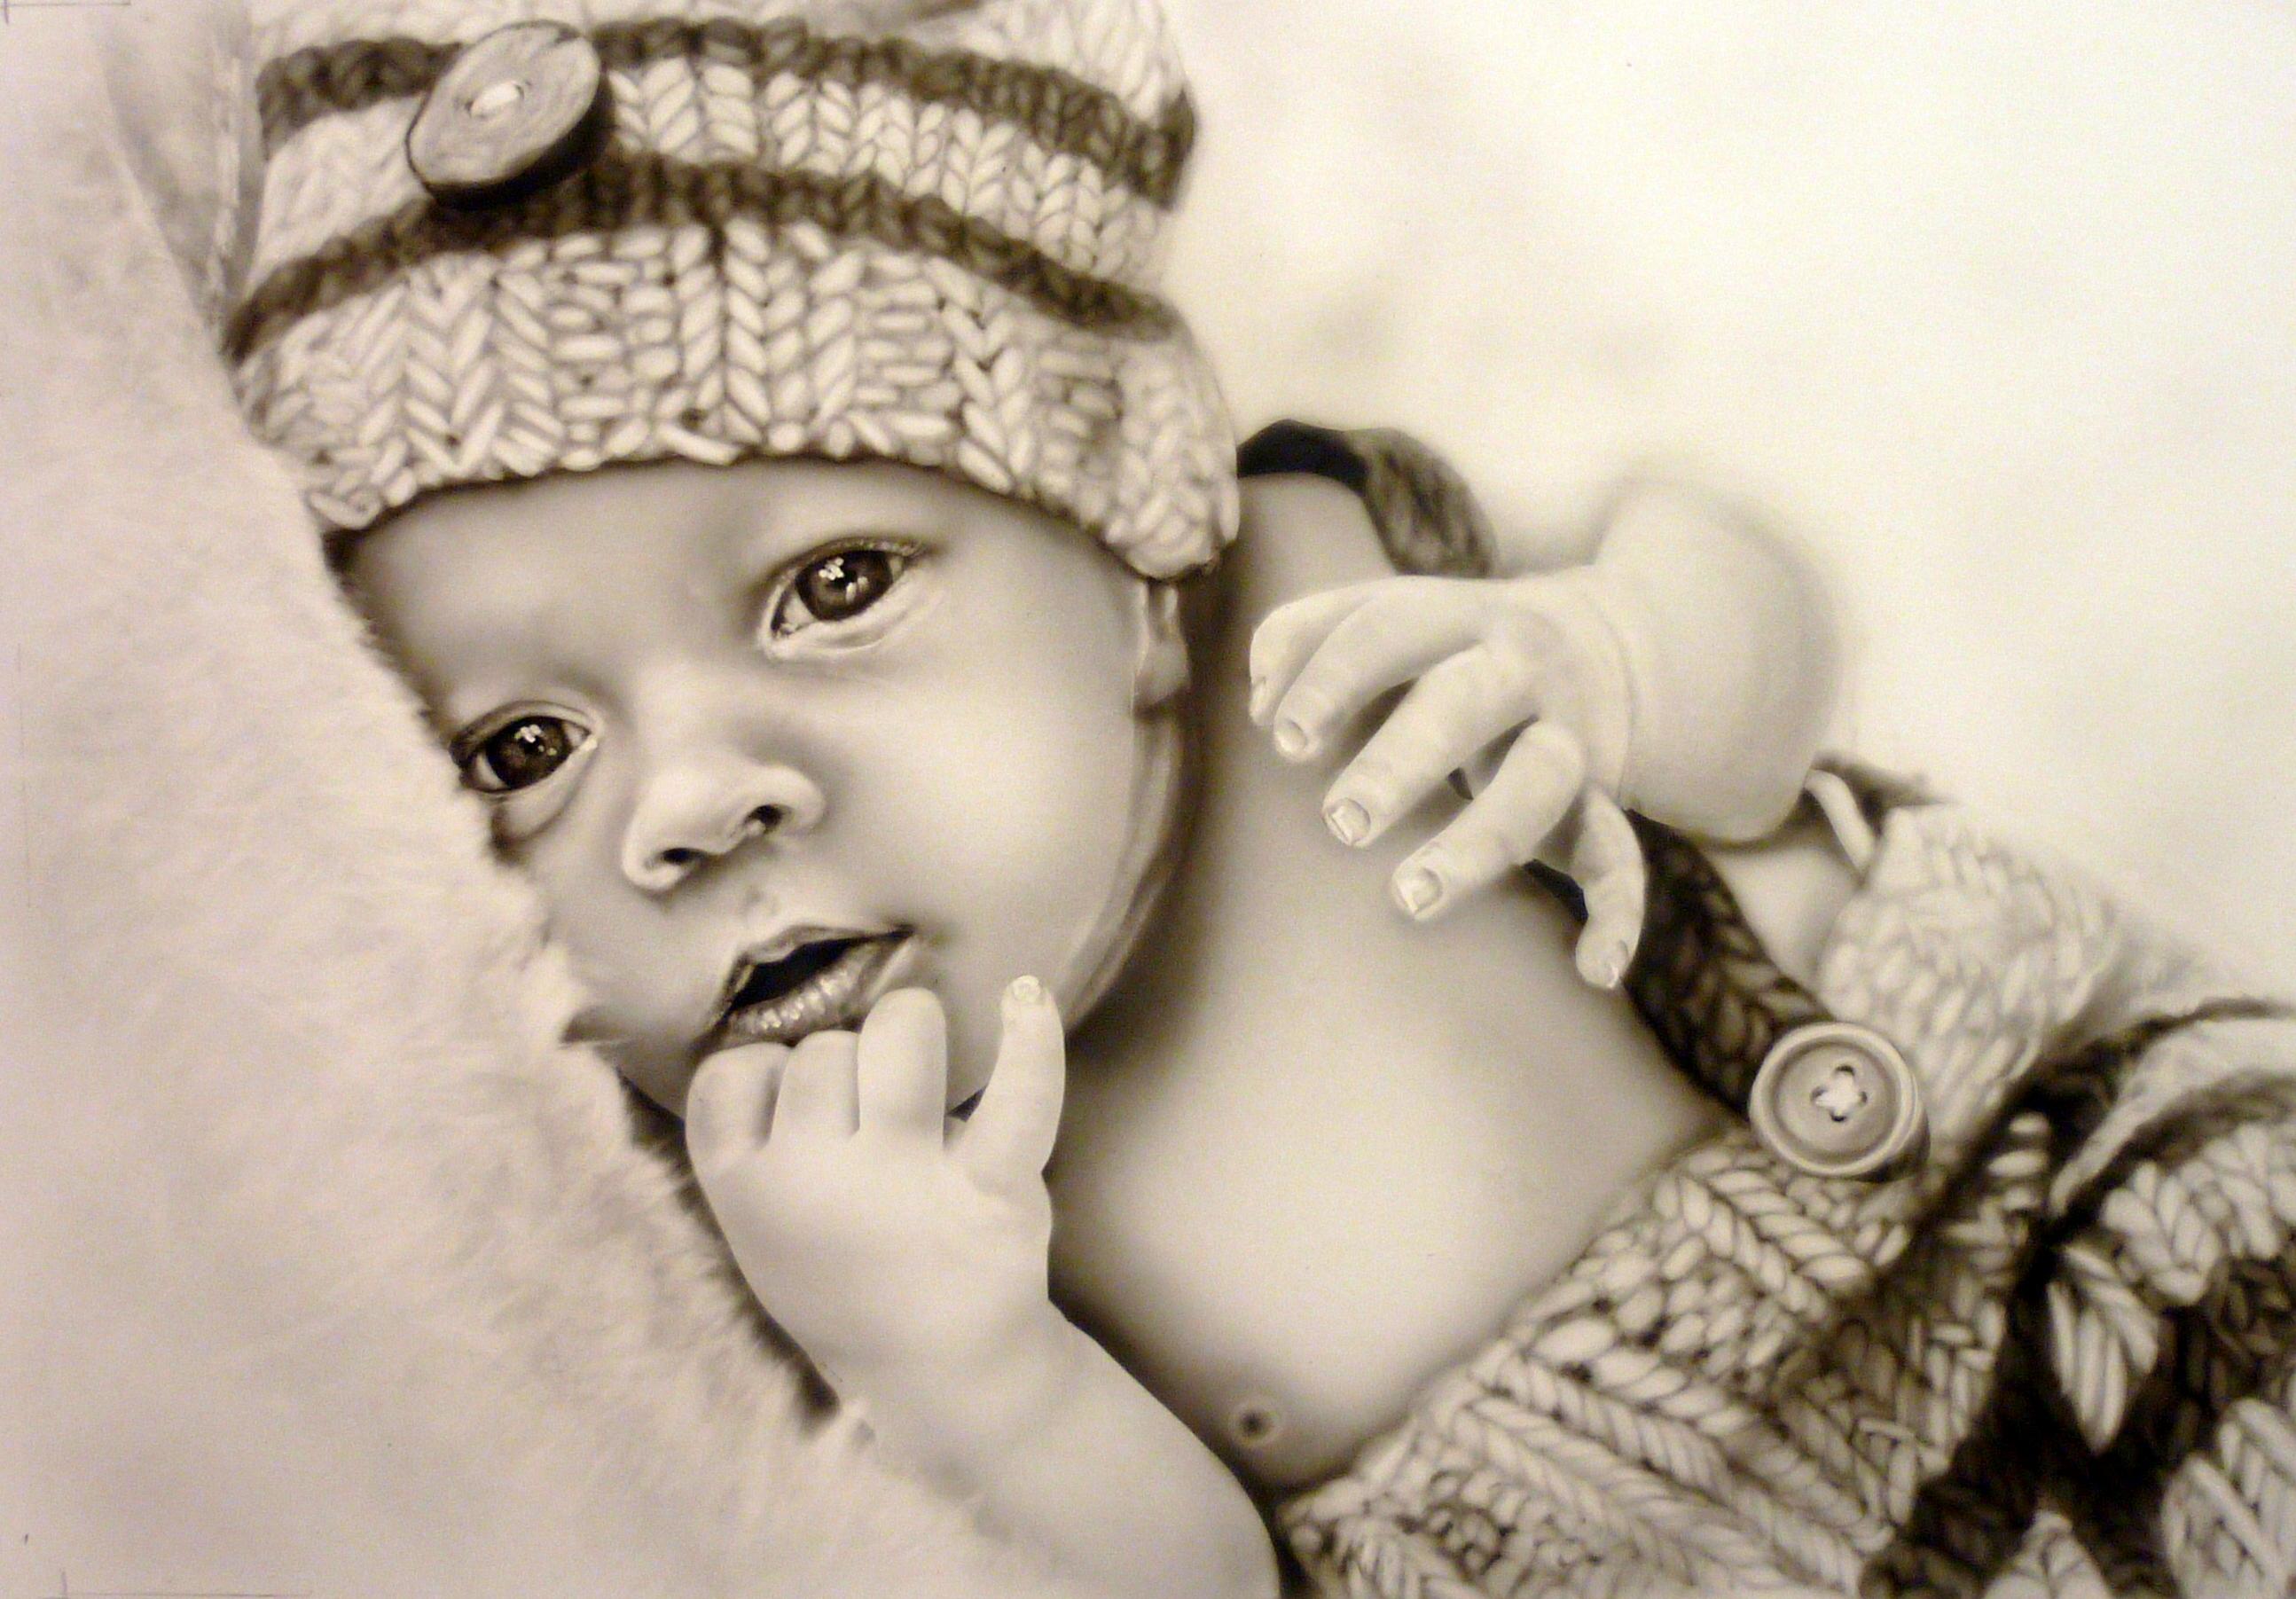 portrait de bébé d'après photo